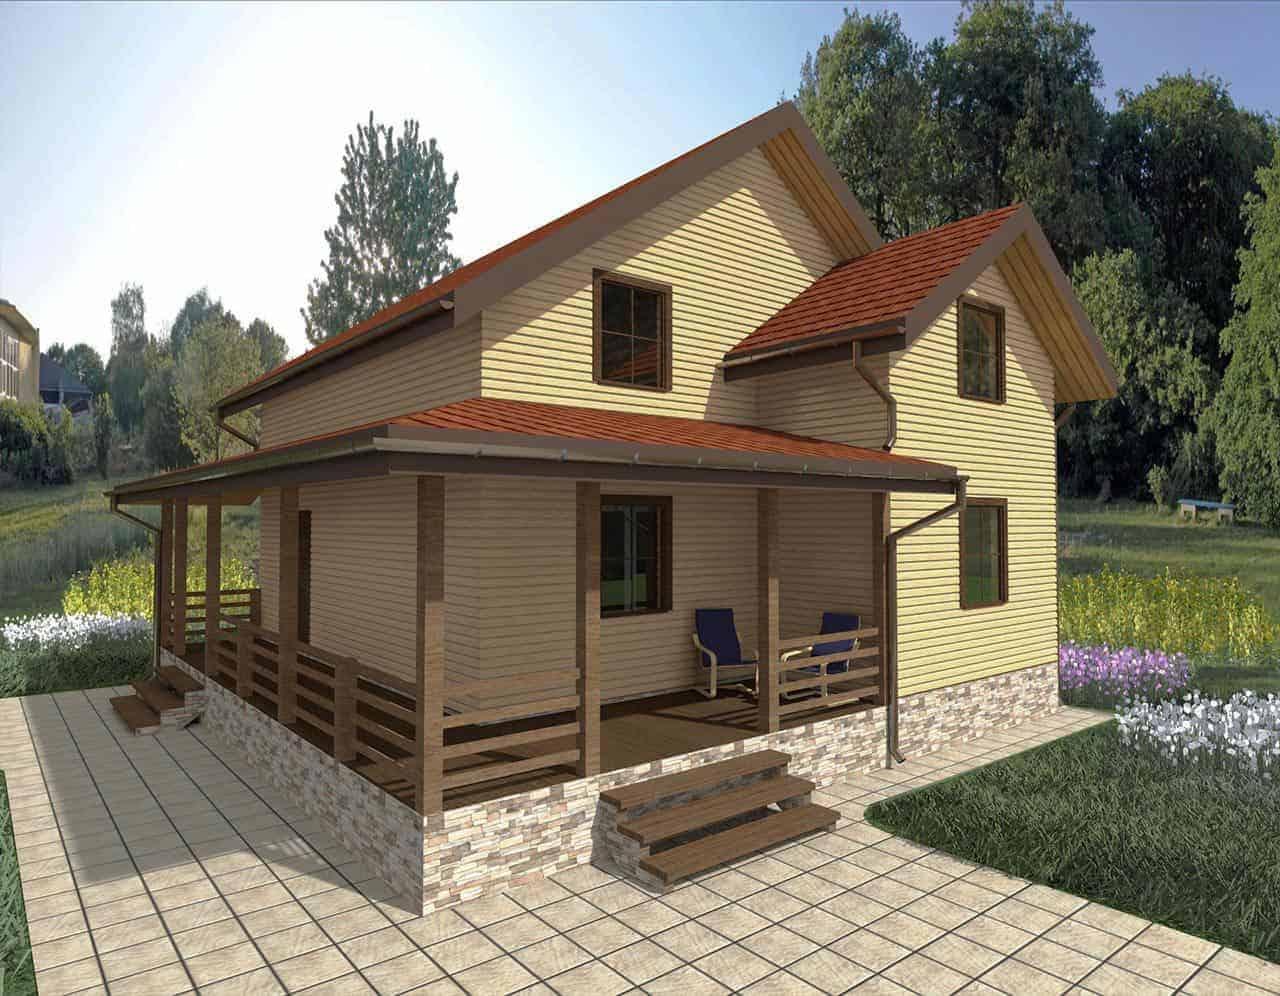 Materials for exterior trim frame house